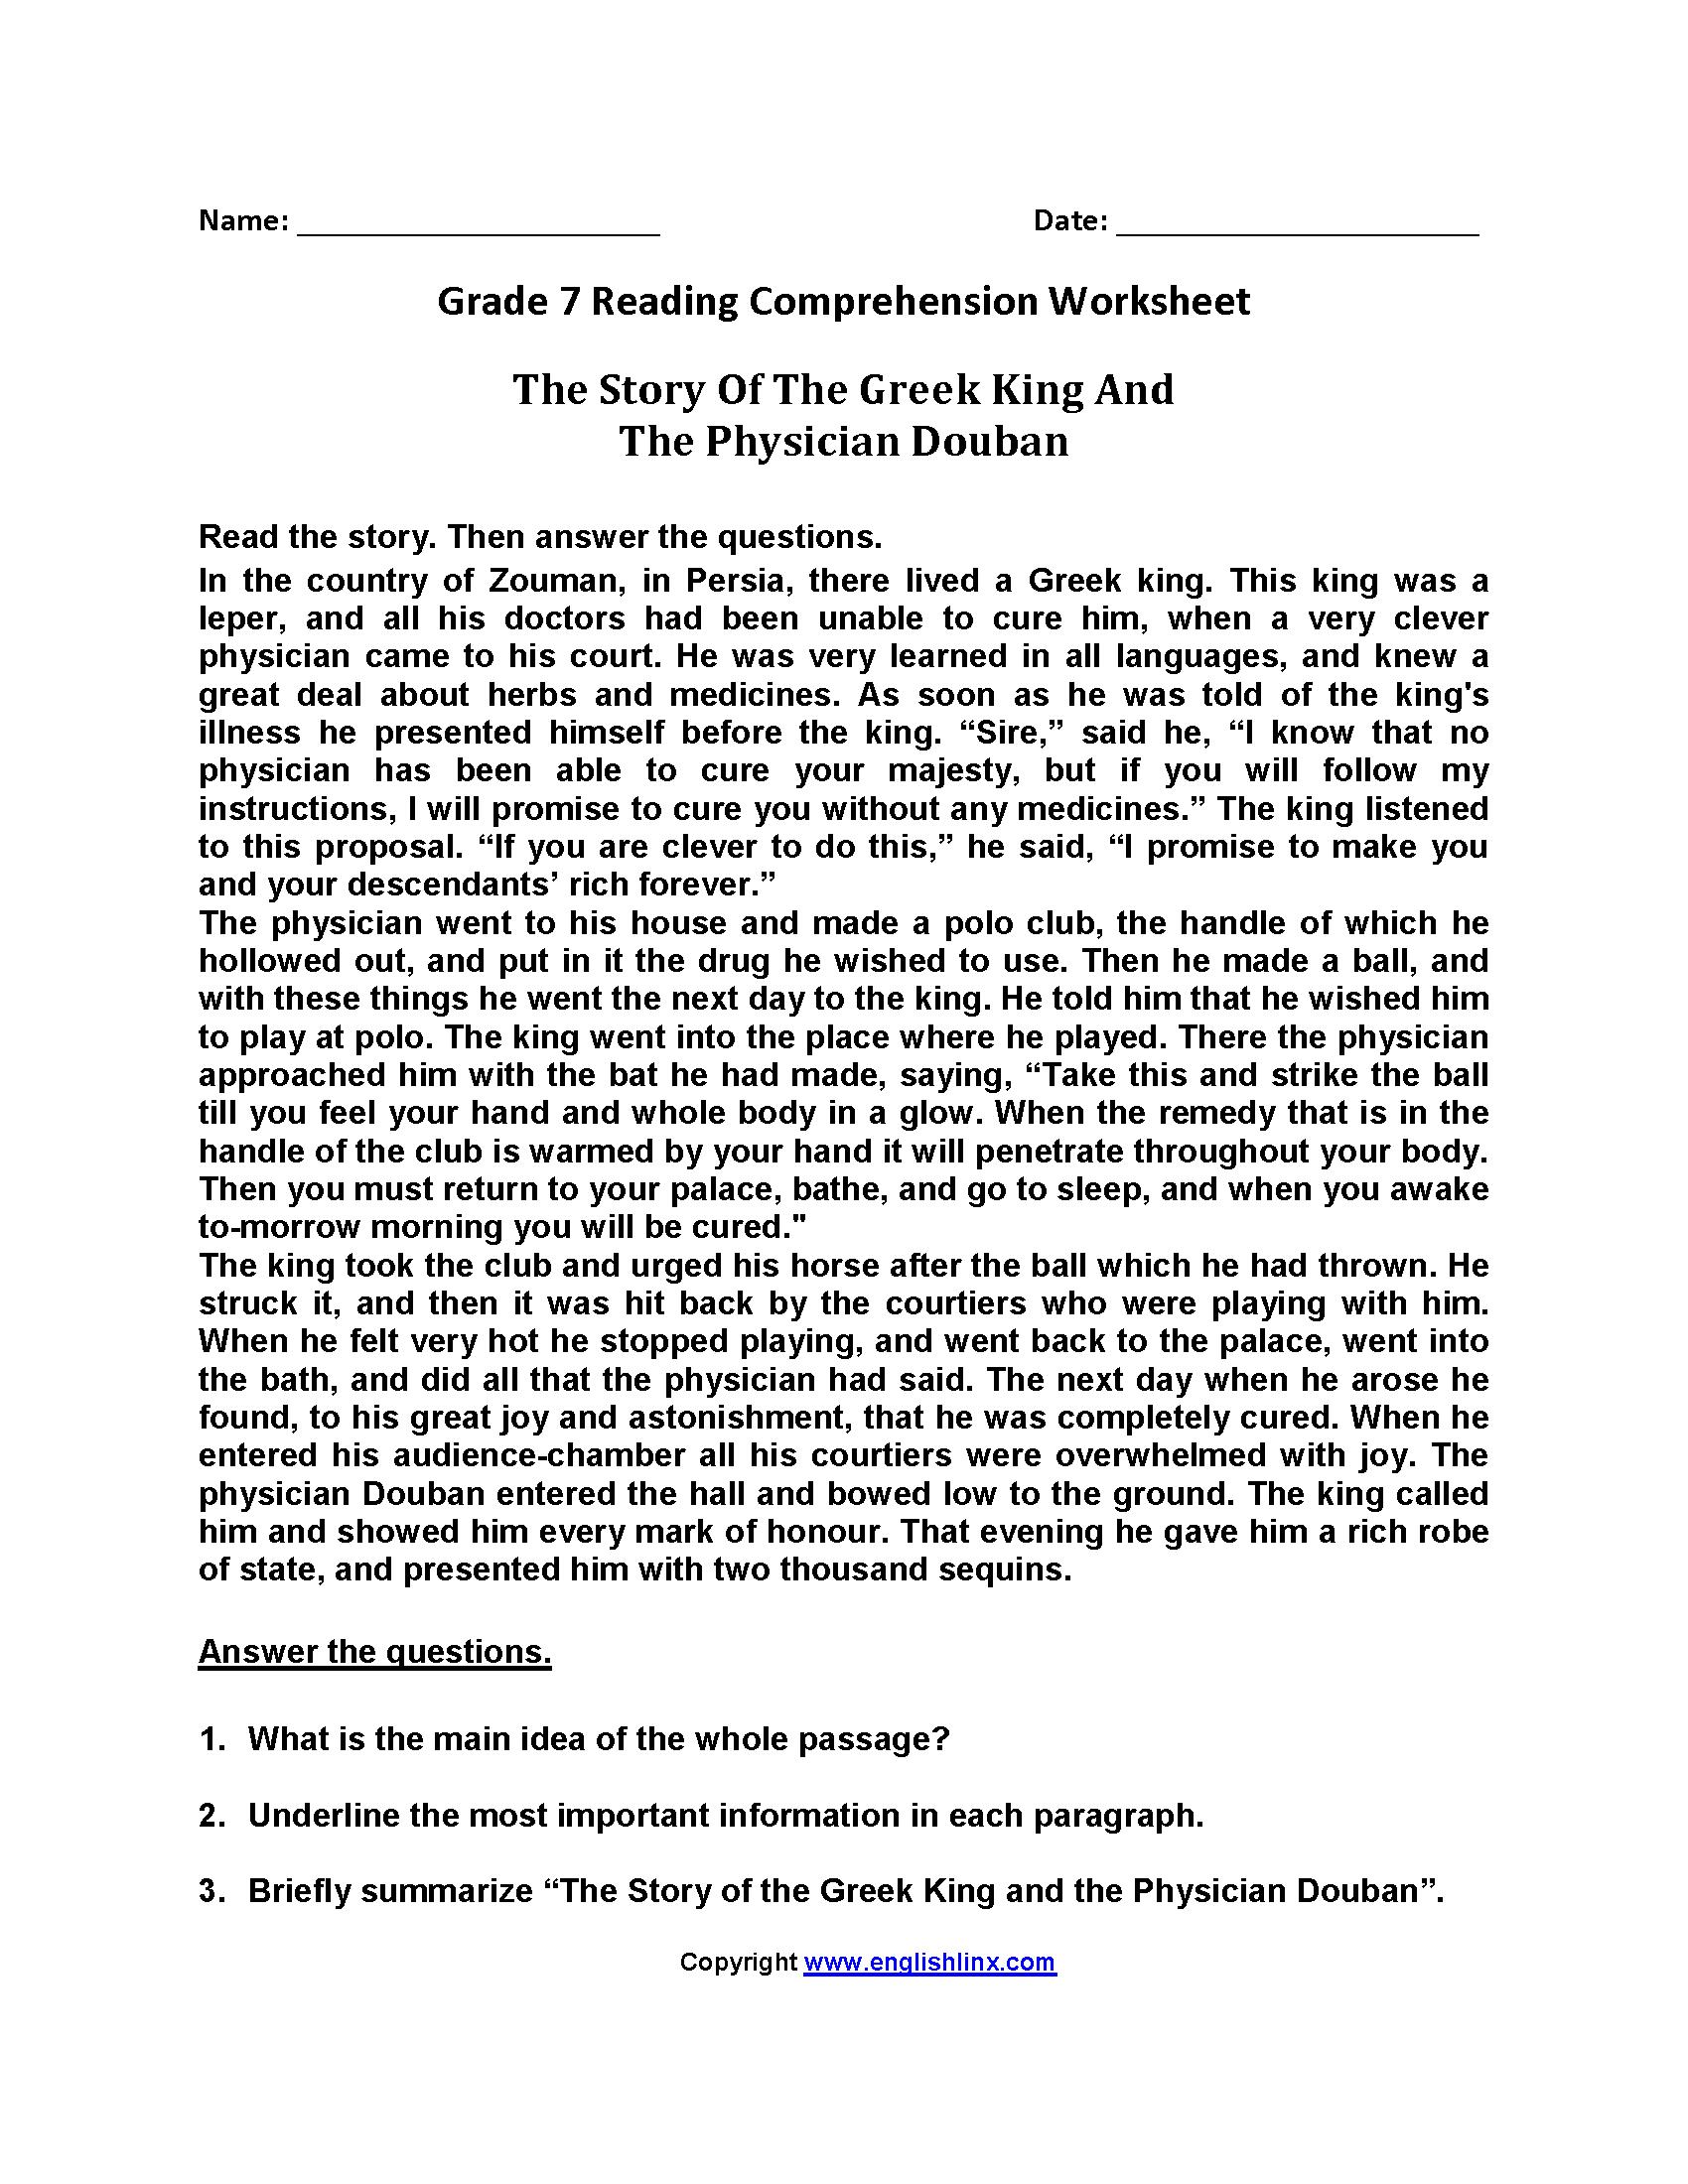 Story of the Greek King\u003cbr\u003eSeventh Grade Reading Worksheets   Reading  comprehension worksheets [ 2200 x 1700 Pixel ]